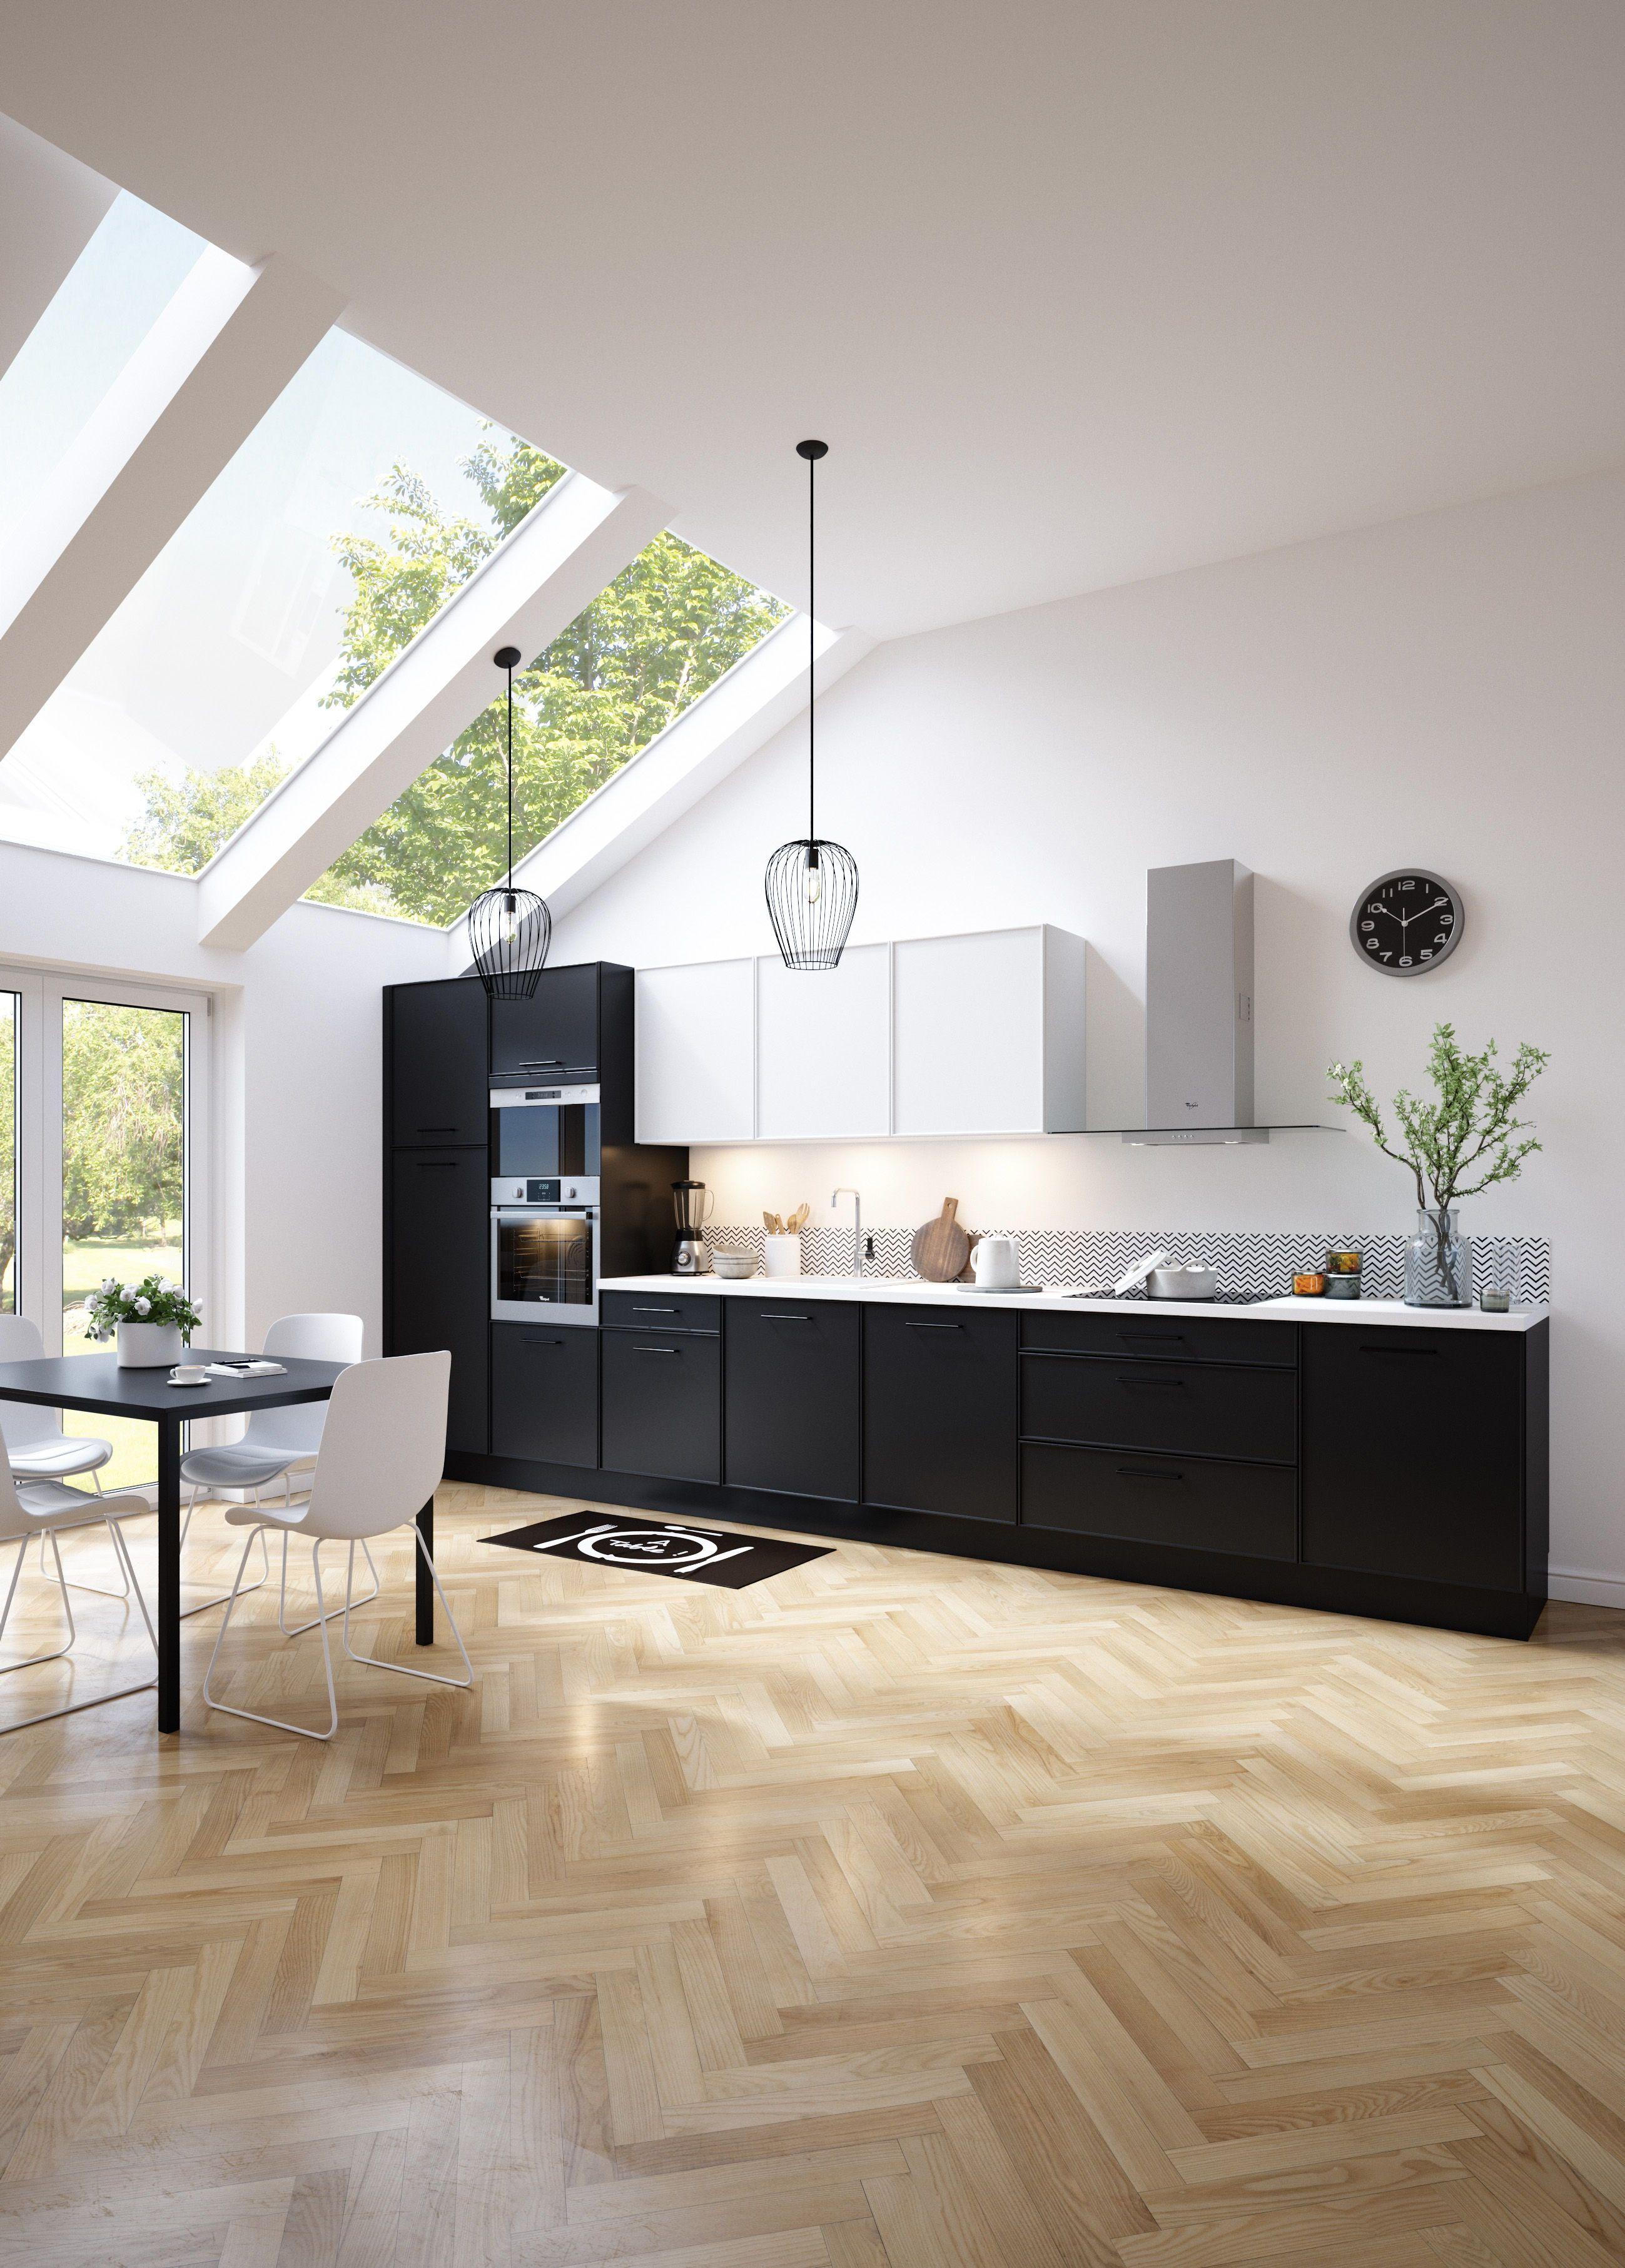 Cuisine Slim But Food Design Inspiration Idees Deco Maison Meuble Cuisine Mobilier De Salon Kitchenette